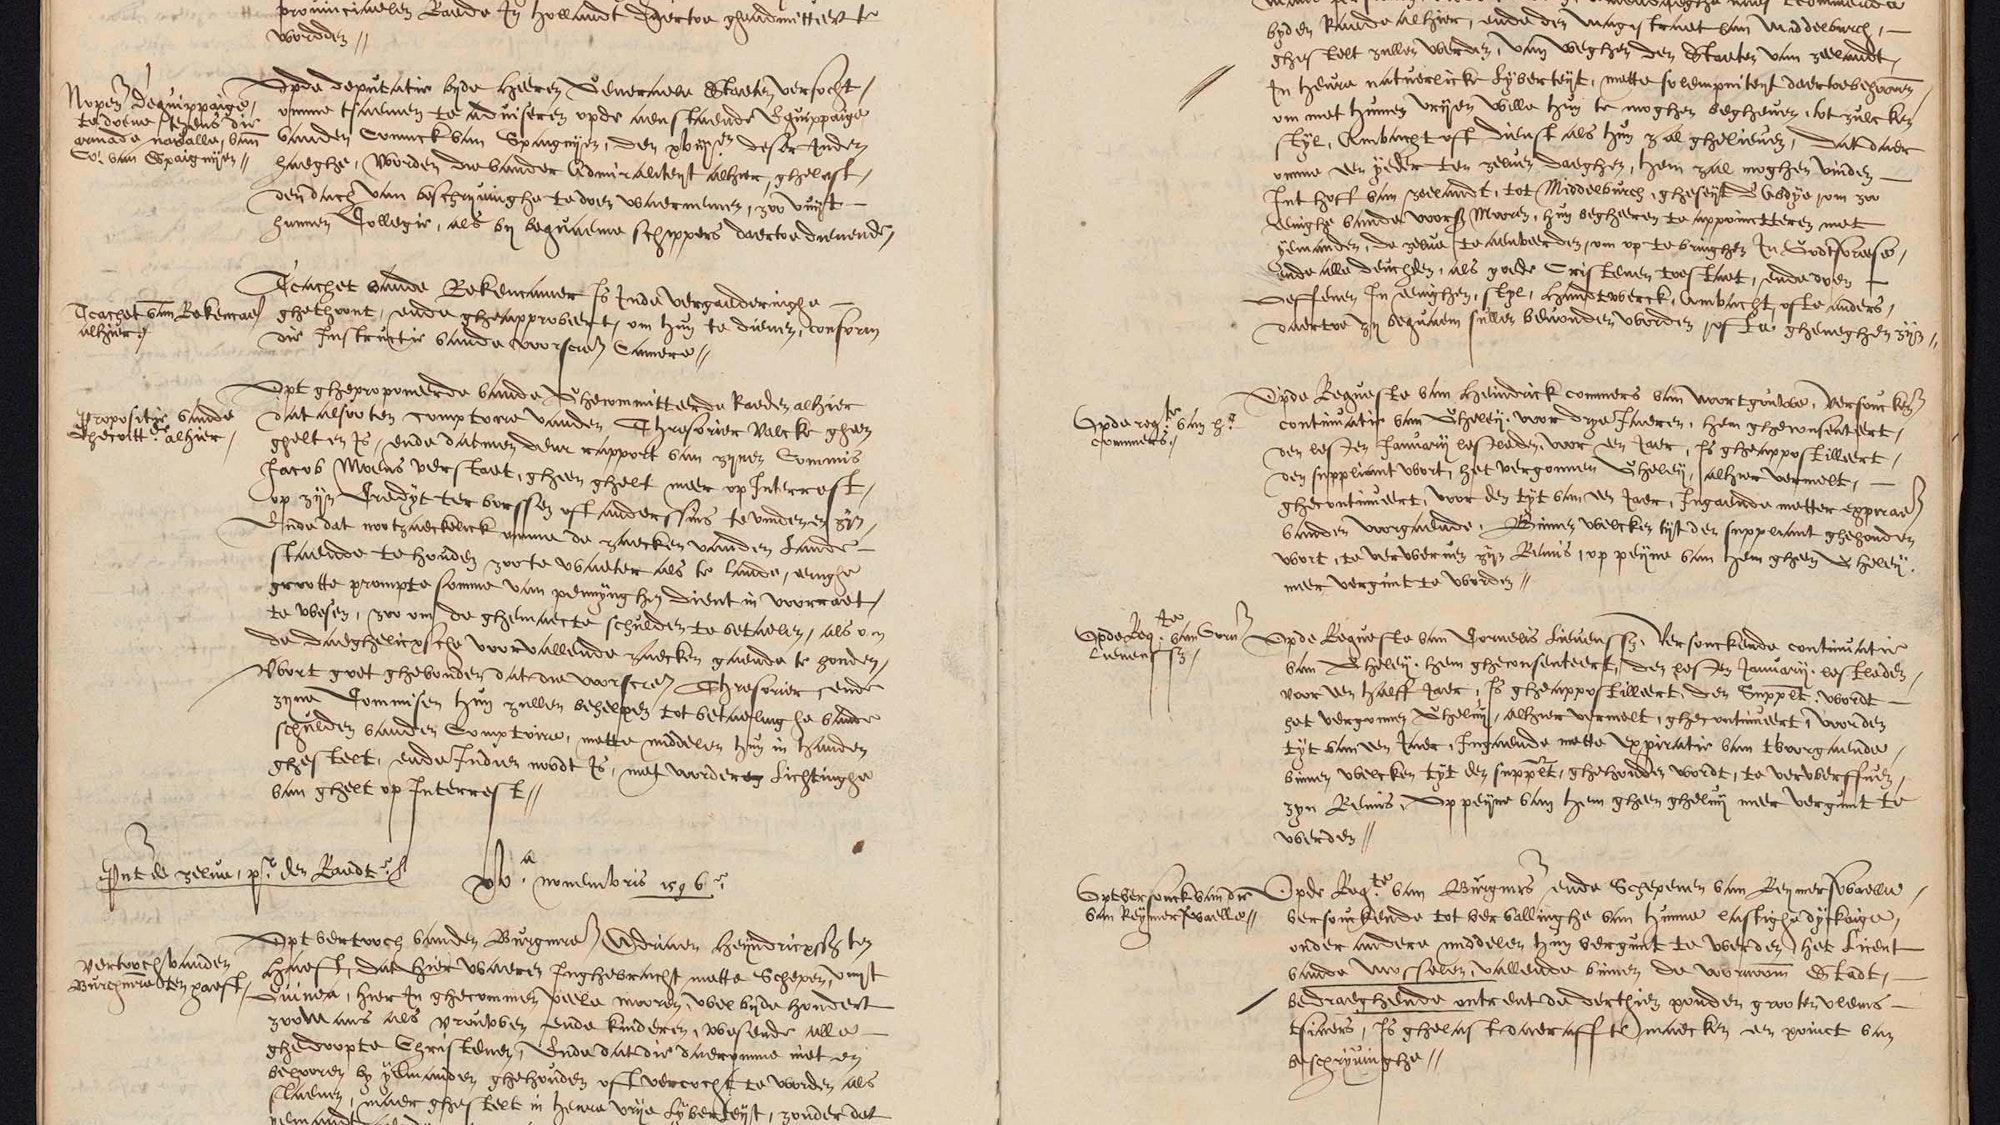 Pagina met besluiten van de Staten van Zeeland uit een register uit 1596.